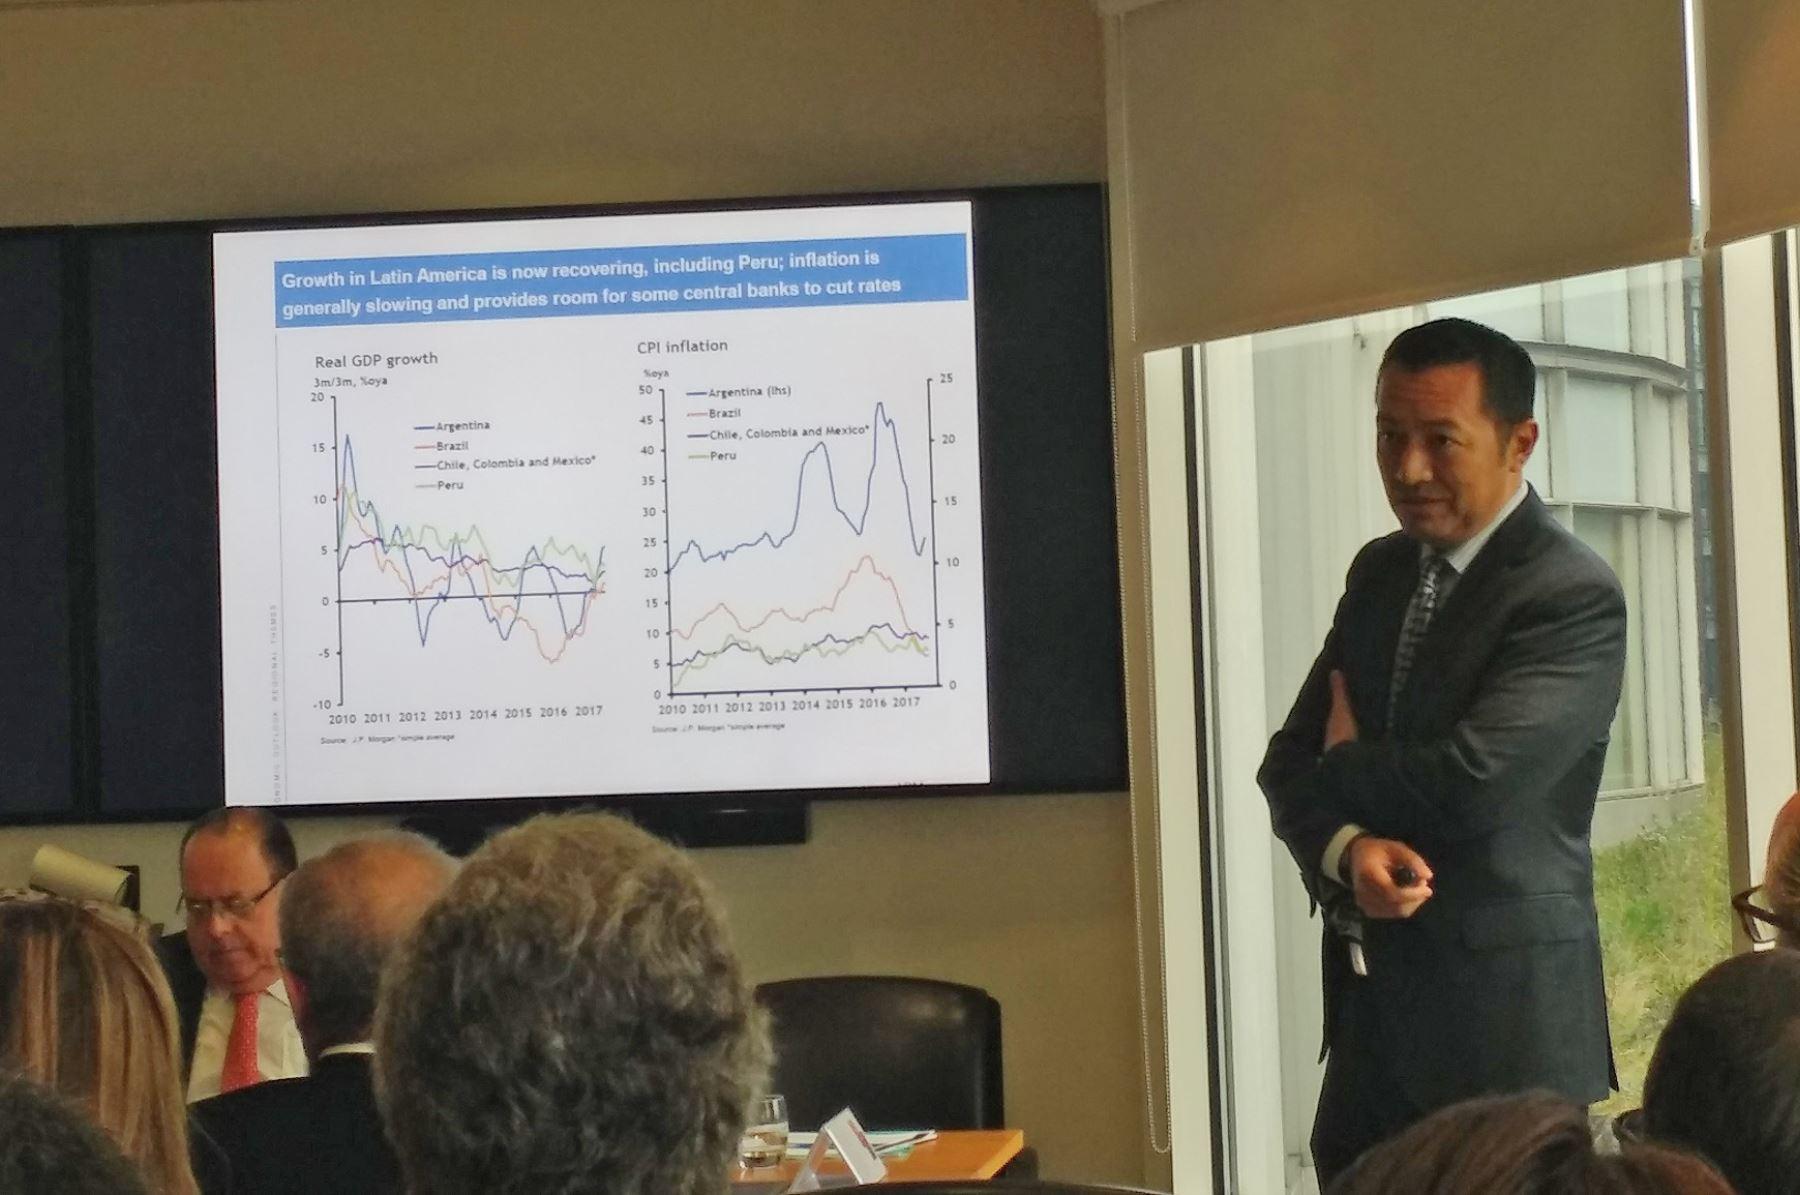 Director global de investigación de mercados emergentes de J.P. Morgan, Luis Oganes. Foto: Andina.